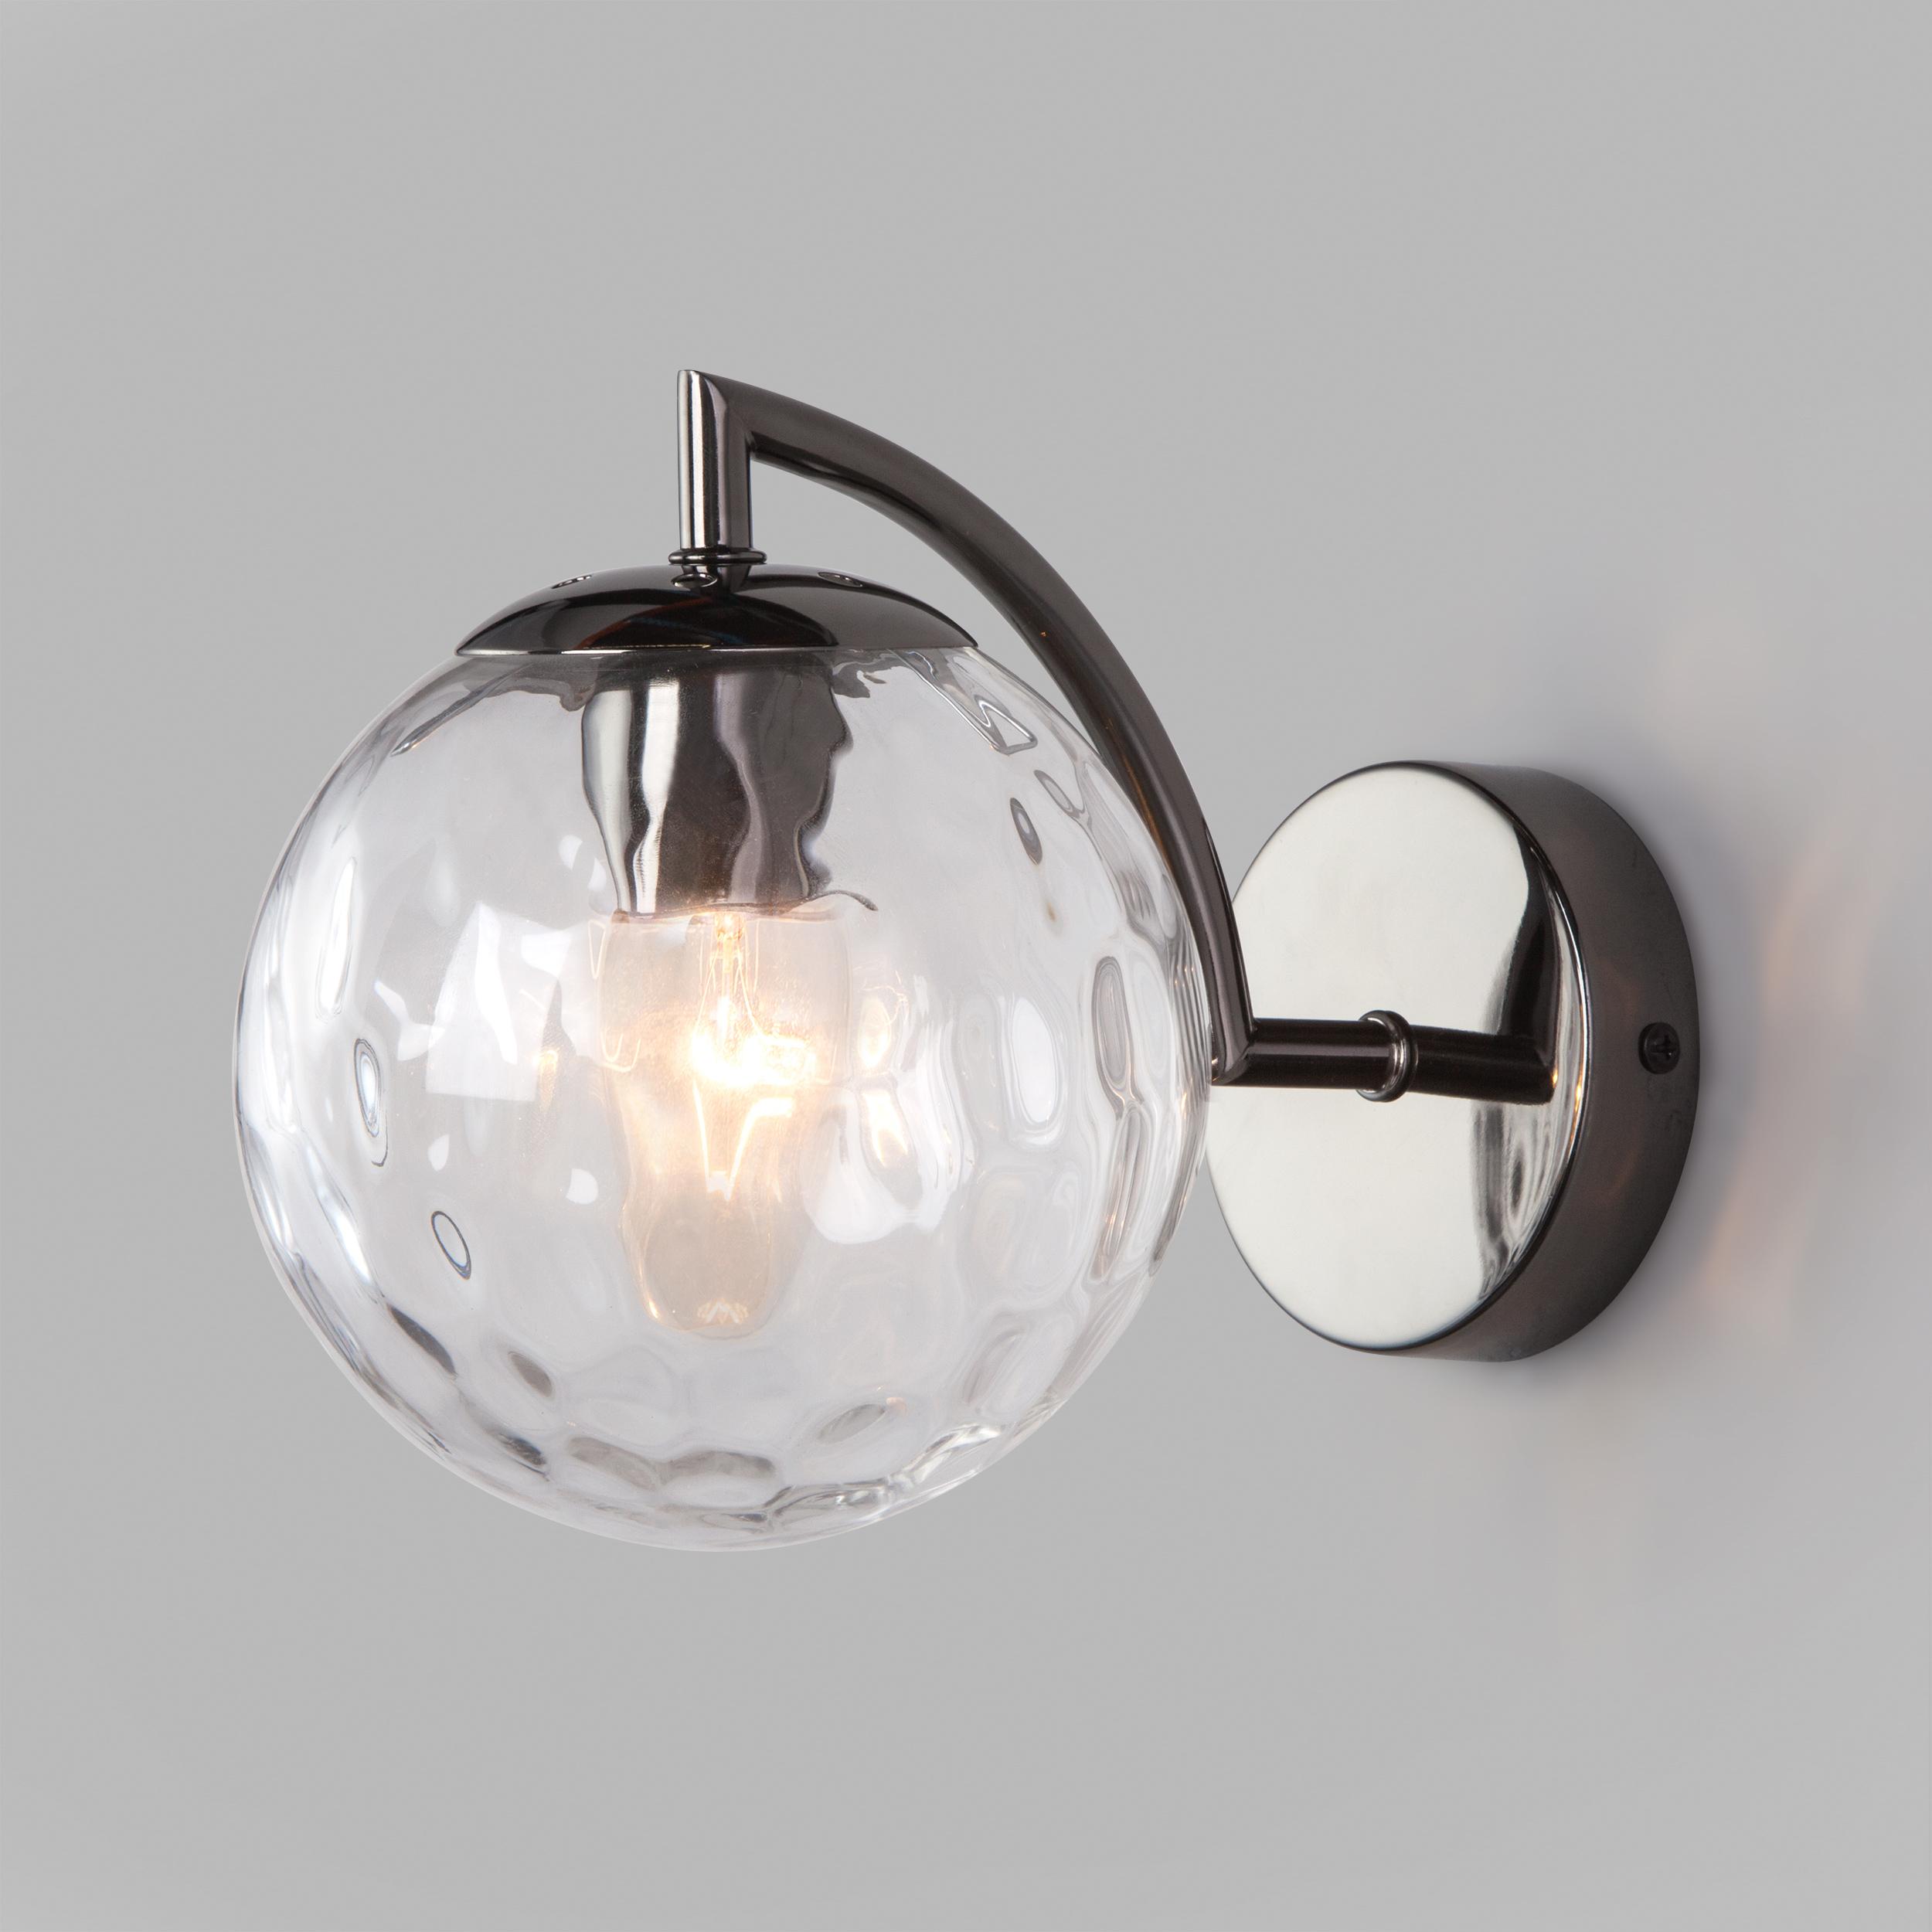 Настенный светильник с плафоном 30178/1 черный жемчуг